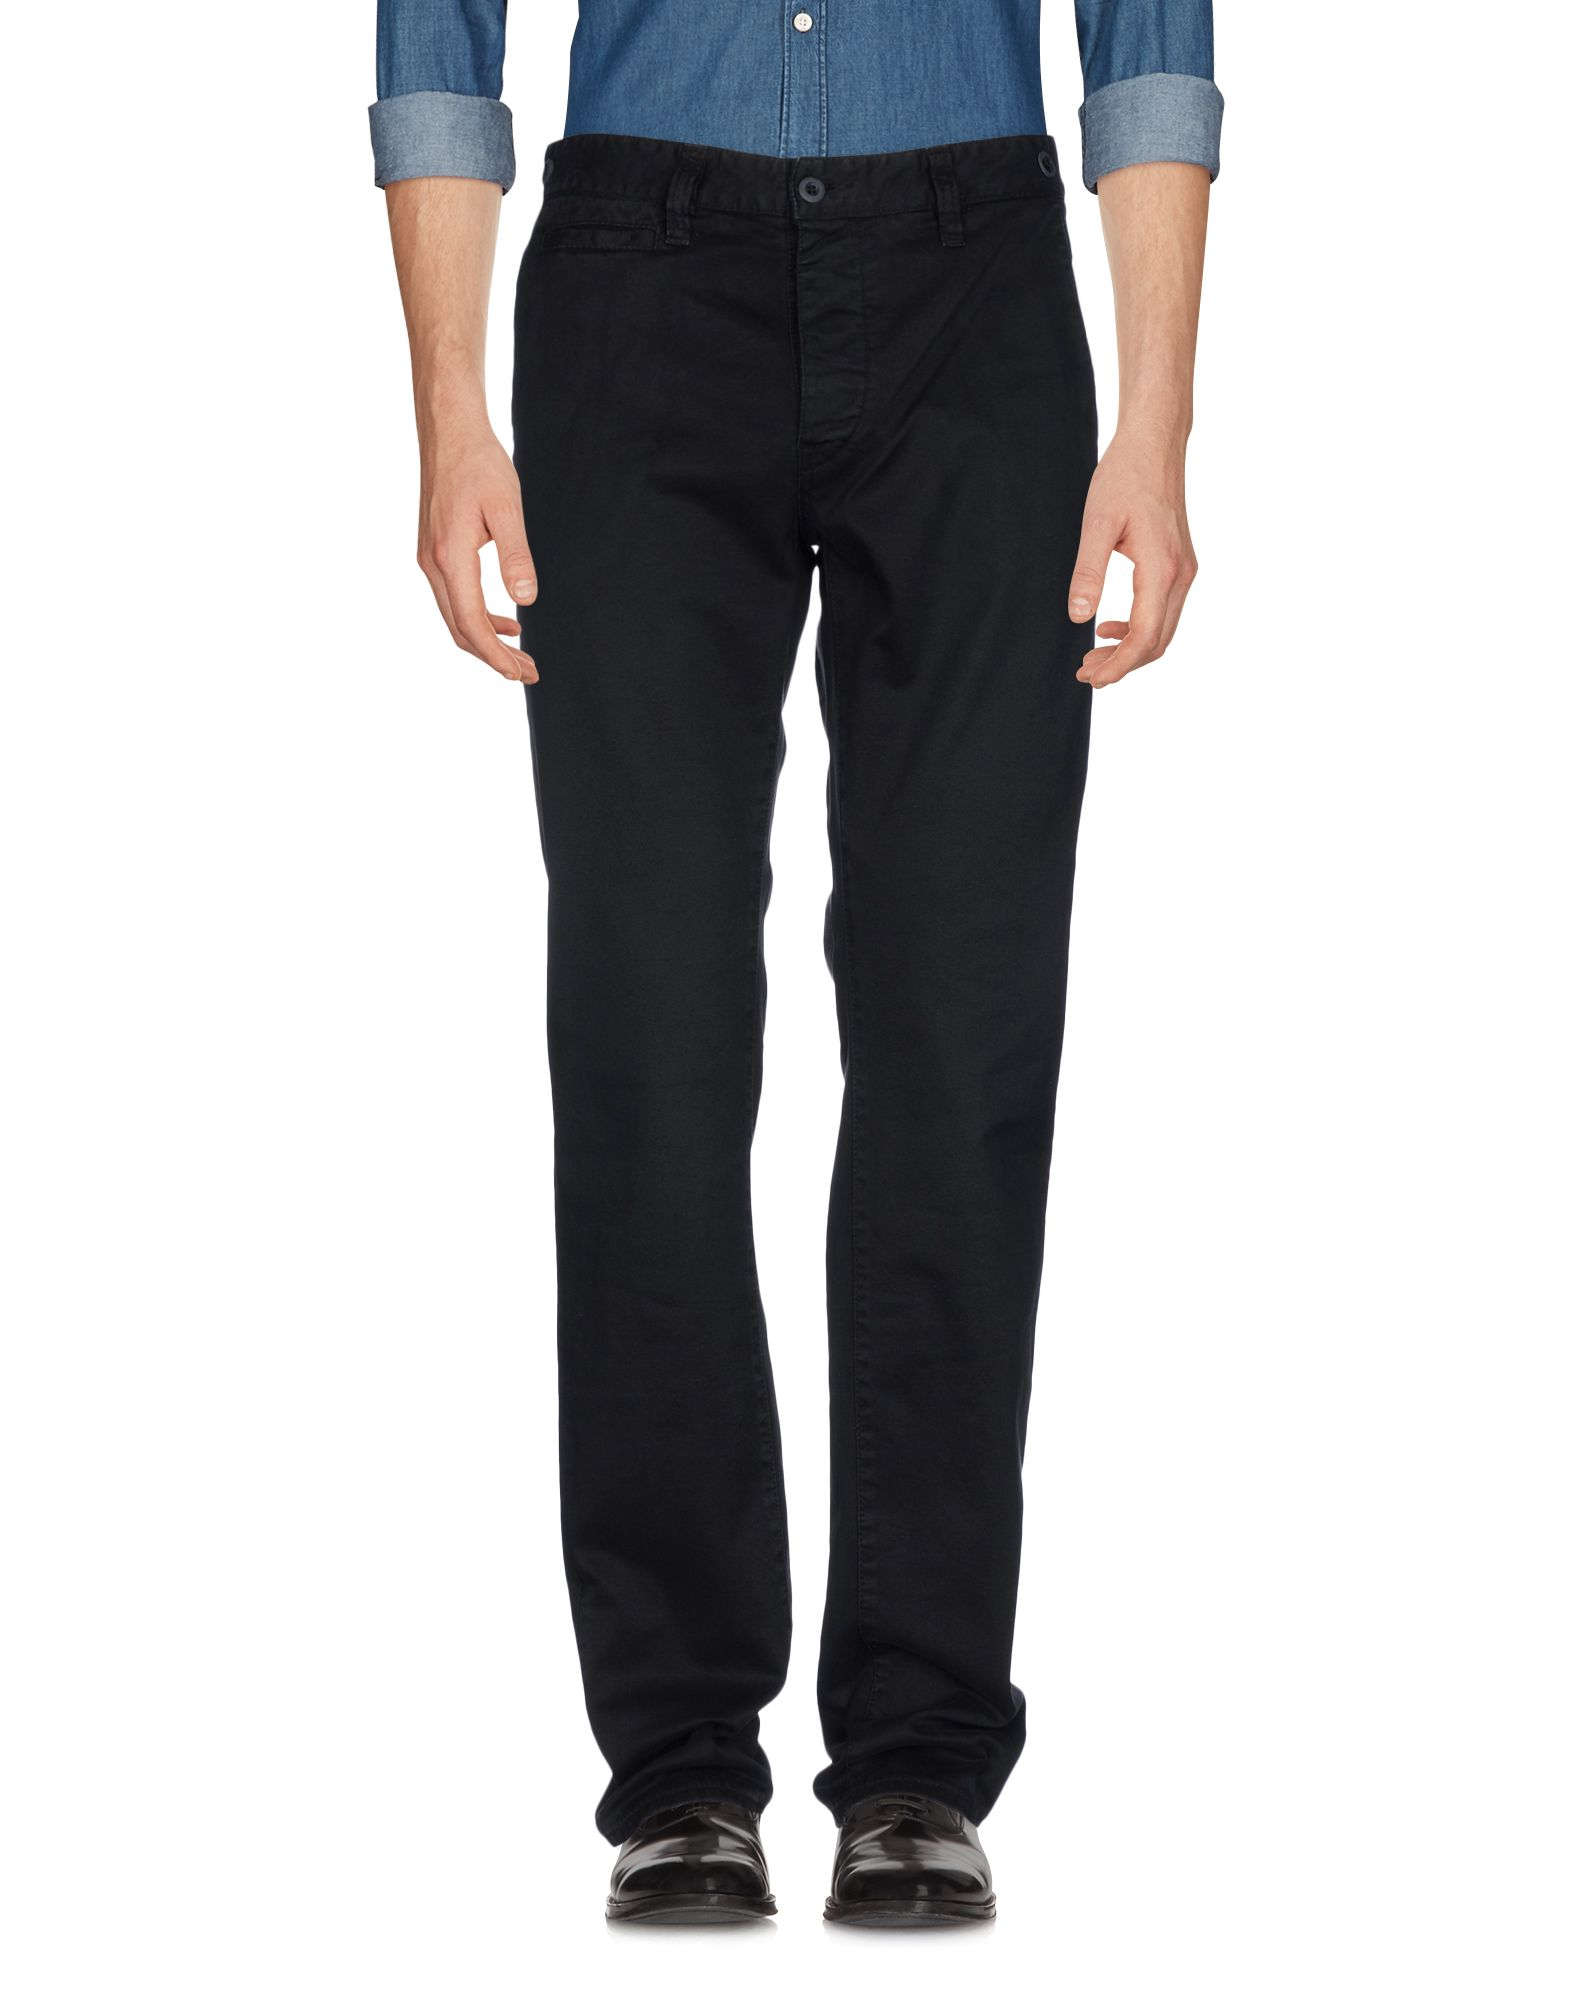 《期間限定セール開催中!》JFOUR メンズ パンツ ブラック 34 コットン 98% / ポリウレタン? 2%